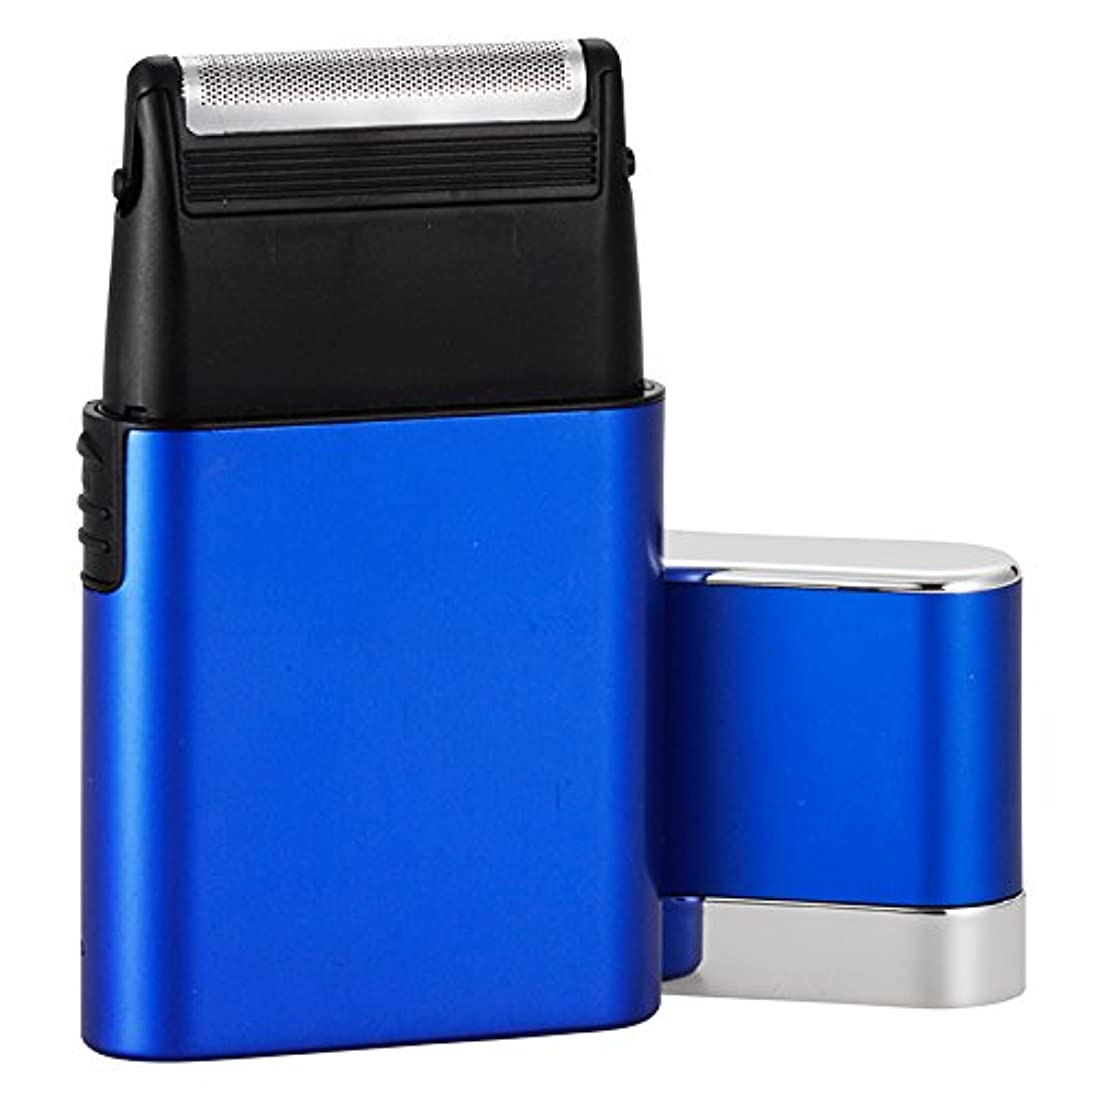 徴収有毒な下向きアルミポケットシェーバー ブルー HB-SA170-A 00-8388